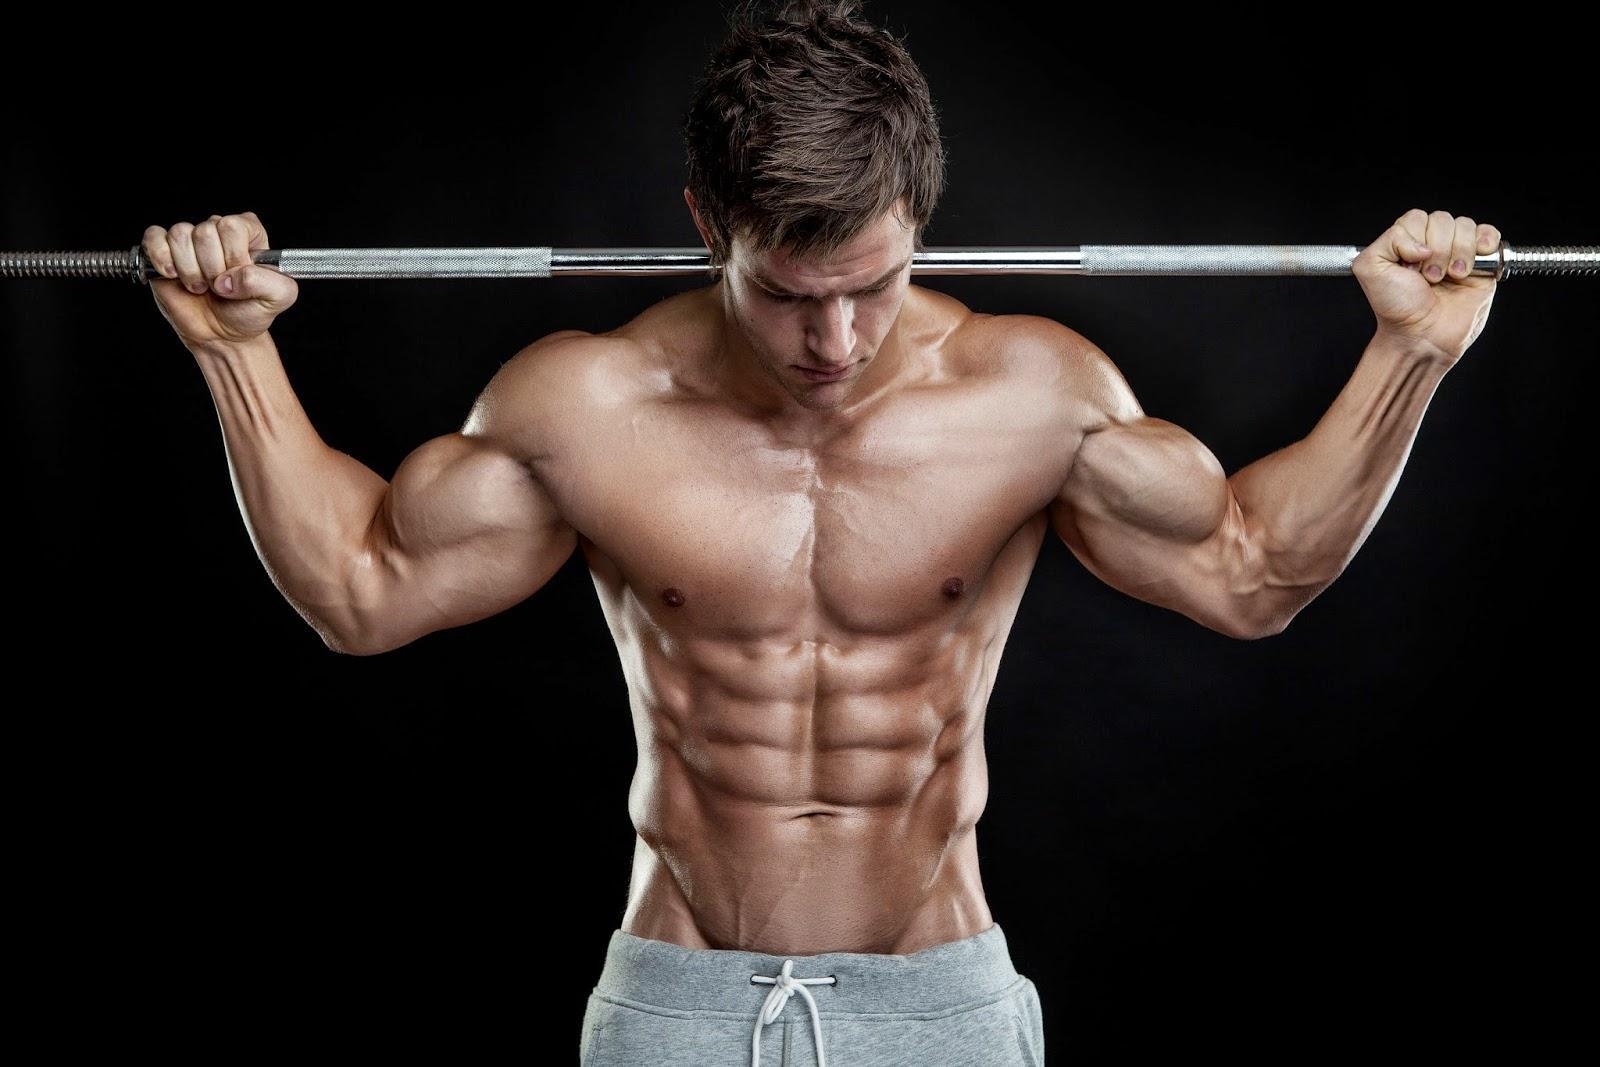 Top 3 loại thịt giàu protein tốt nhất cho người tập gym